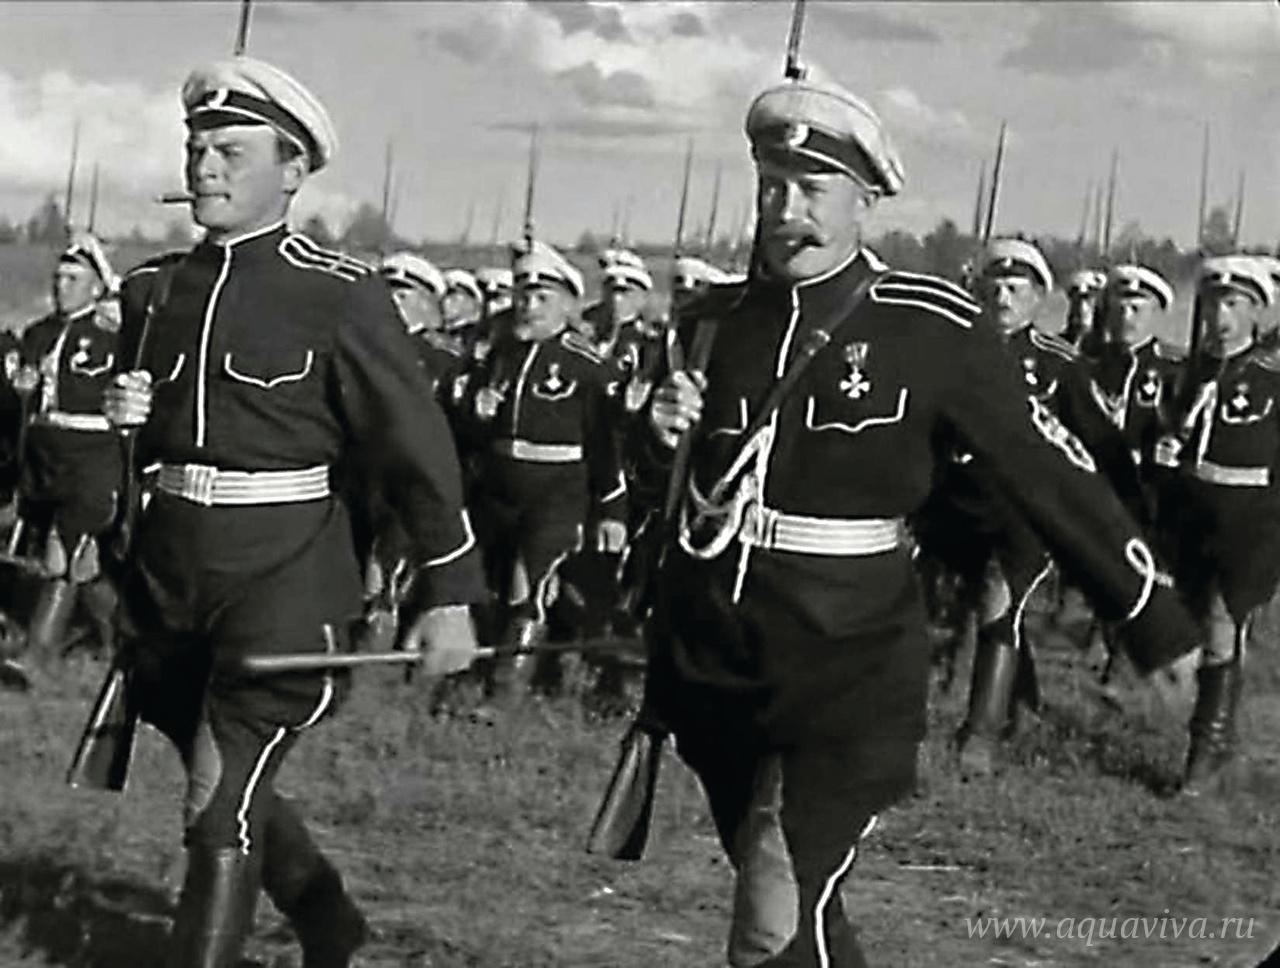 В знаменитой сцене «психической атаки» из фильма «Чапаев» (1934) показаны части Народной армии Комуча под руководством В.О. Каппеля. Действие происходит в июне 1918 года. В действительности «каппелевцы» никогда не встречались на поле боя с 25-й дивизией под началом В.И. Чапаева